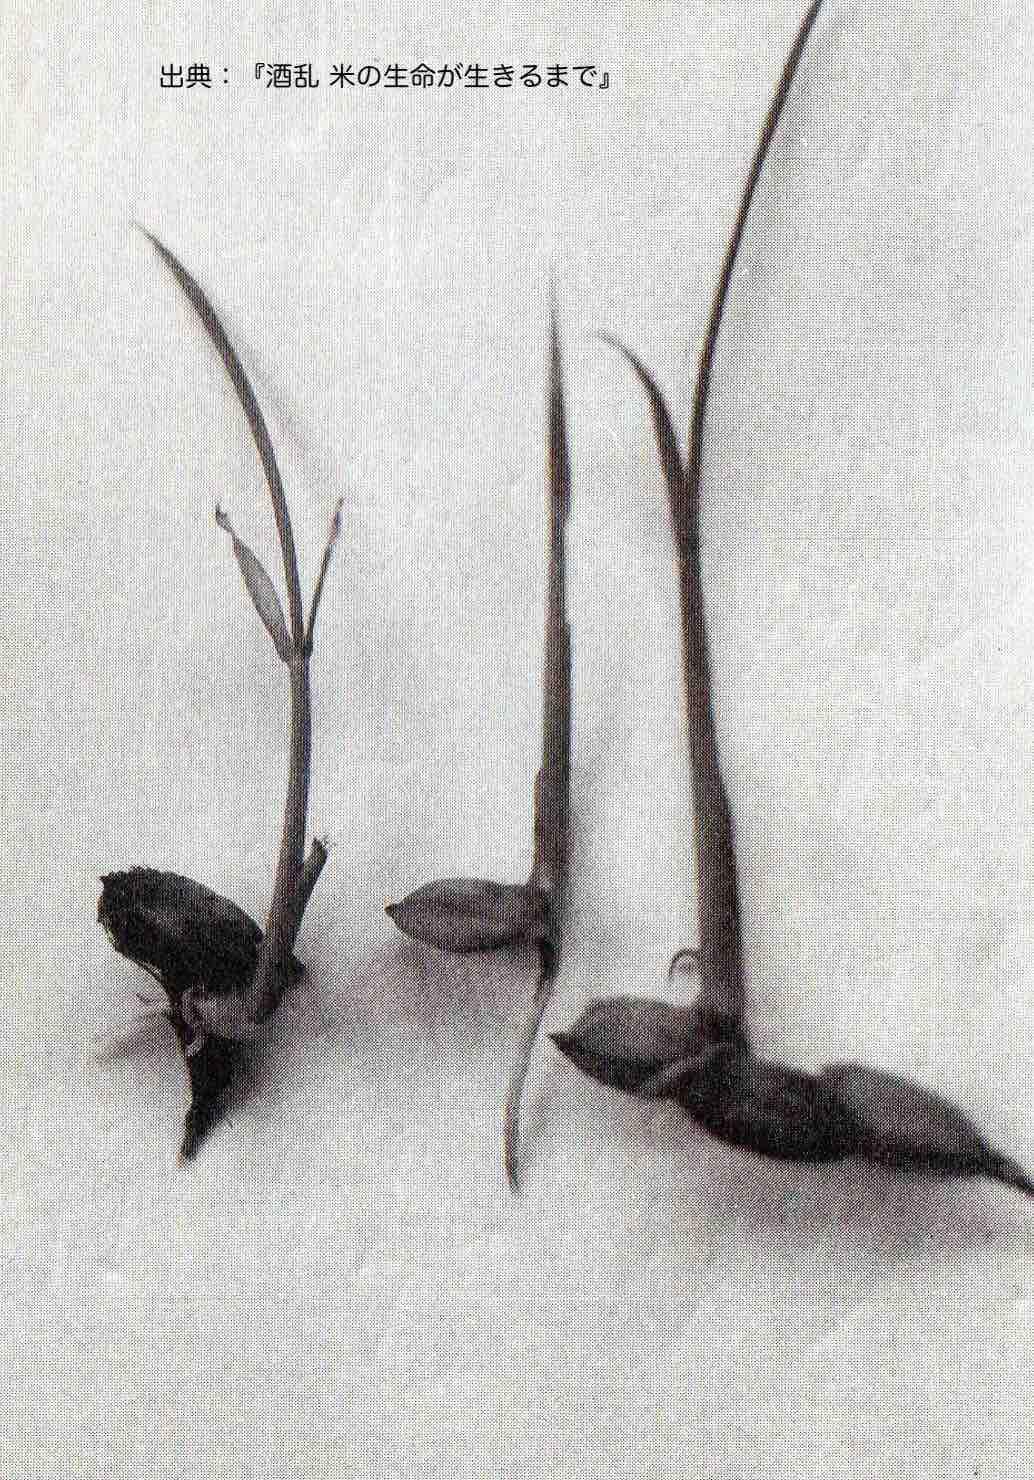 発芽して幼い早苗へと成長し始めている米の種籾。写真の出典は書籍『酒乱こめのいのちが生きるまで』